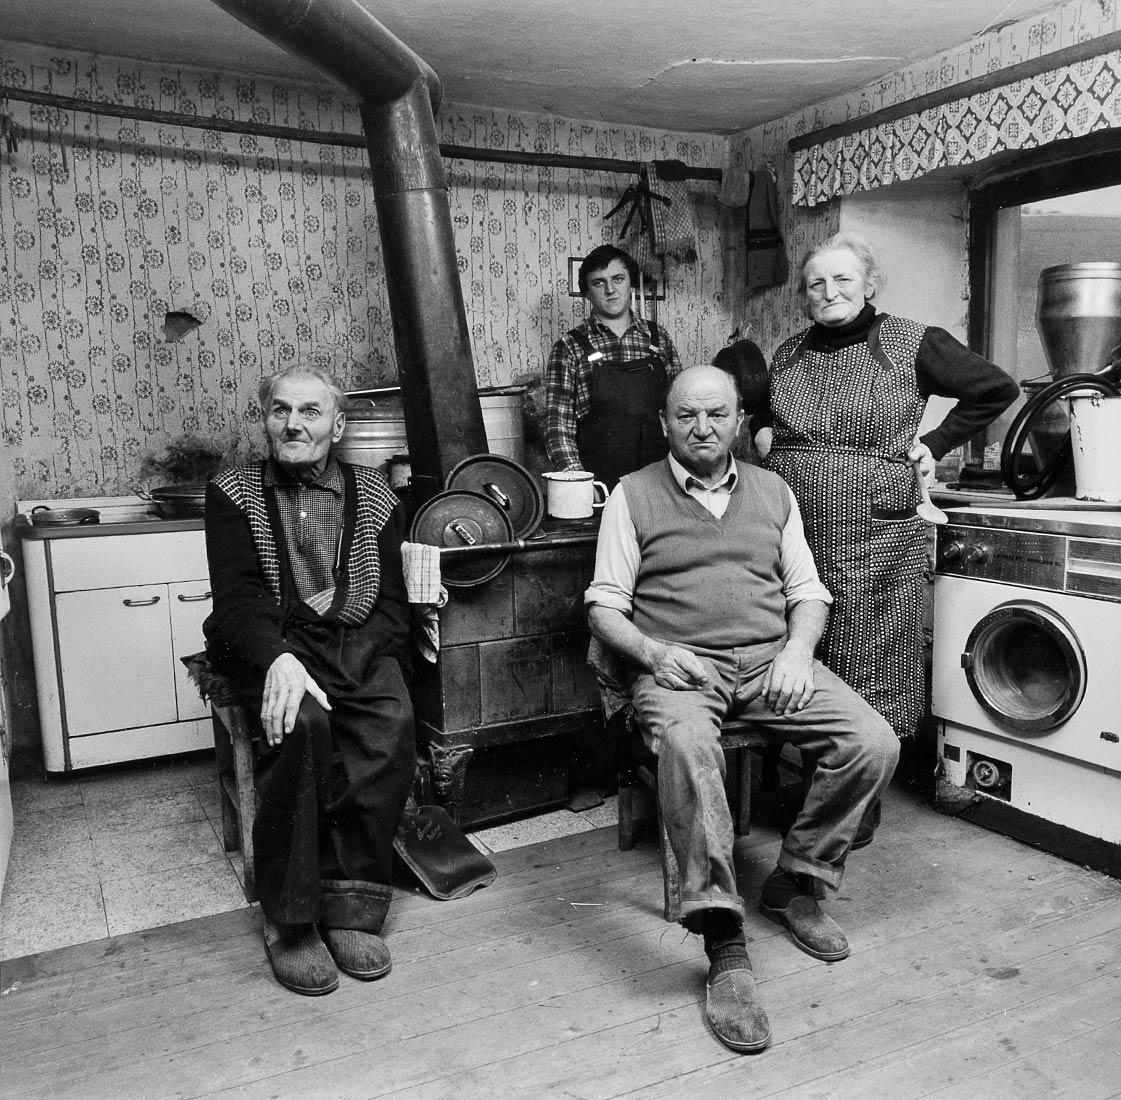 Bauernfamilie in einer Einöde - Weinting bei Nittenau 1985